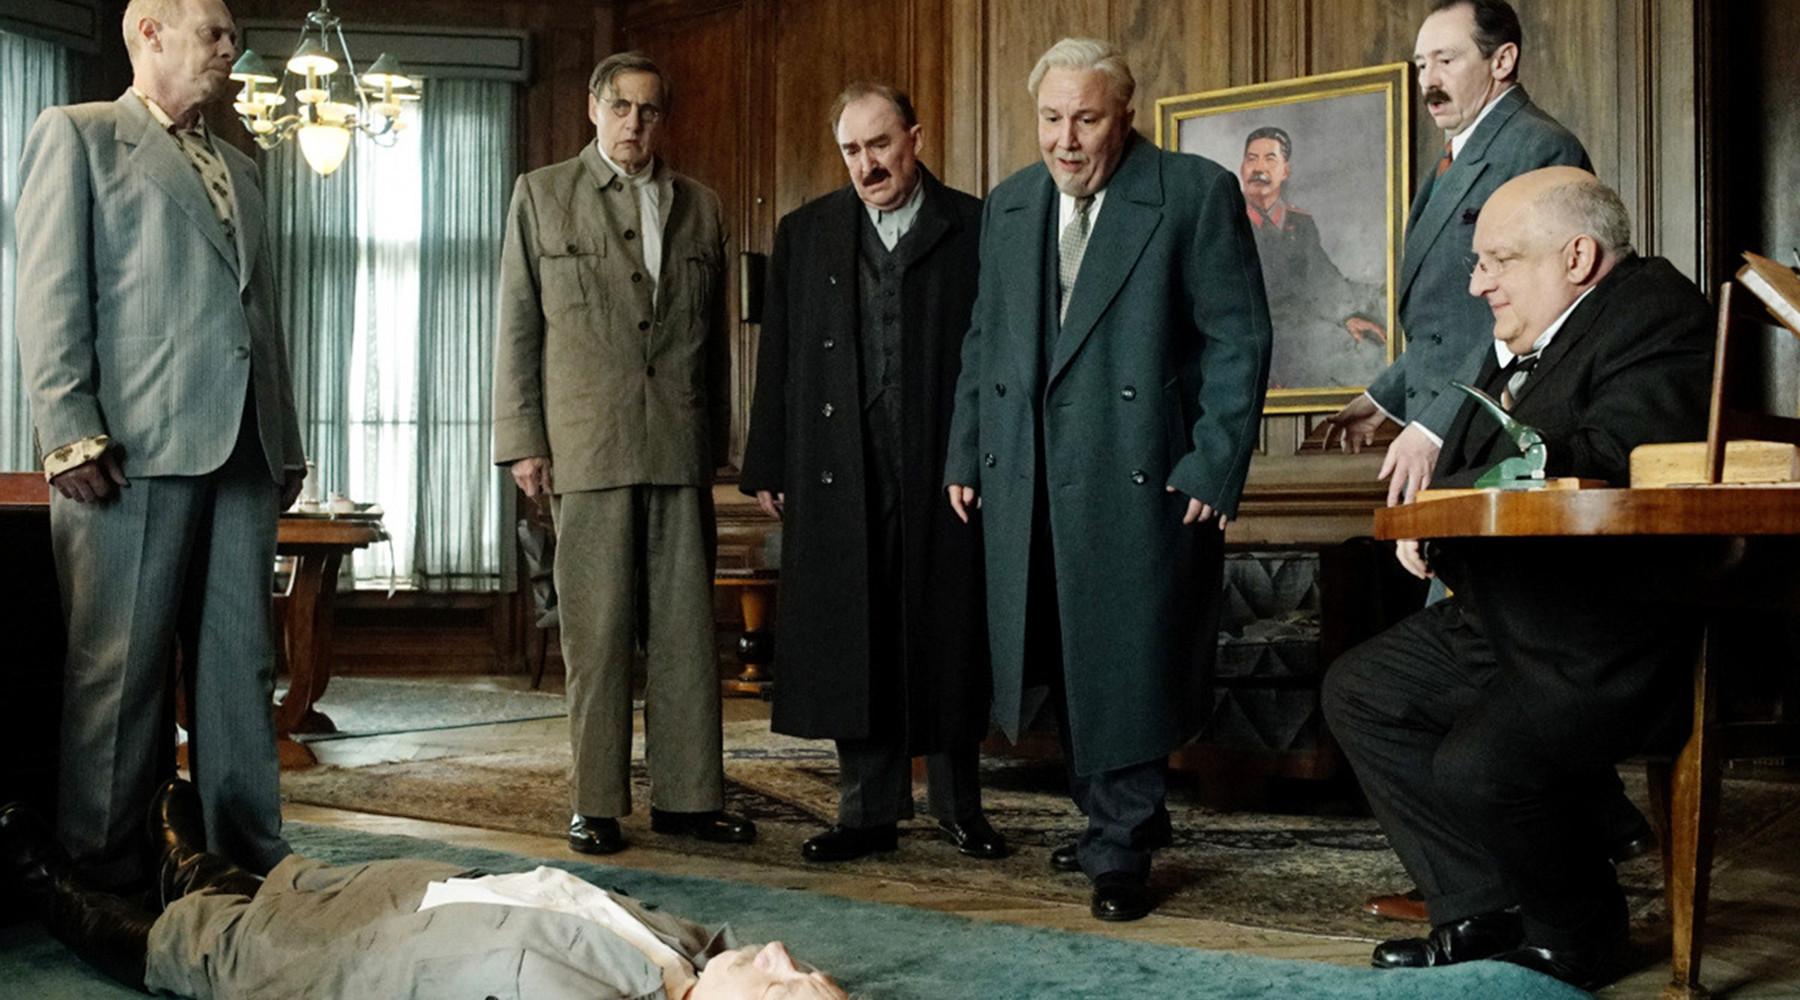 СПЧ запросил уМинкультуры копию «Смерти Сталина» для исследования